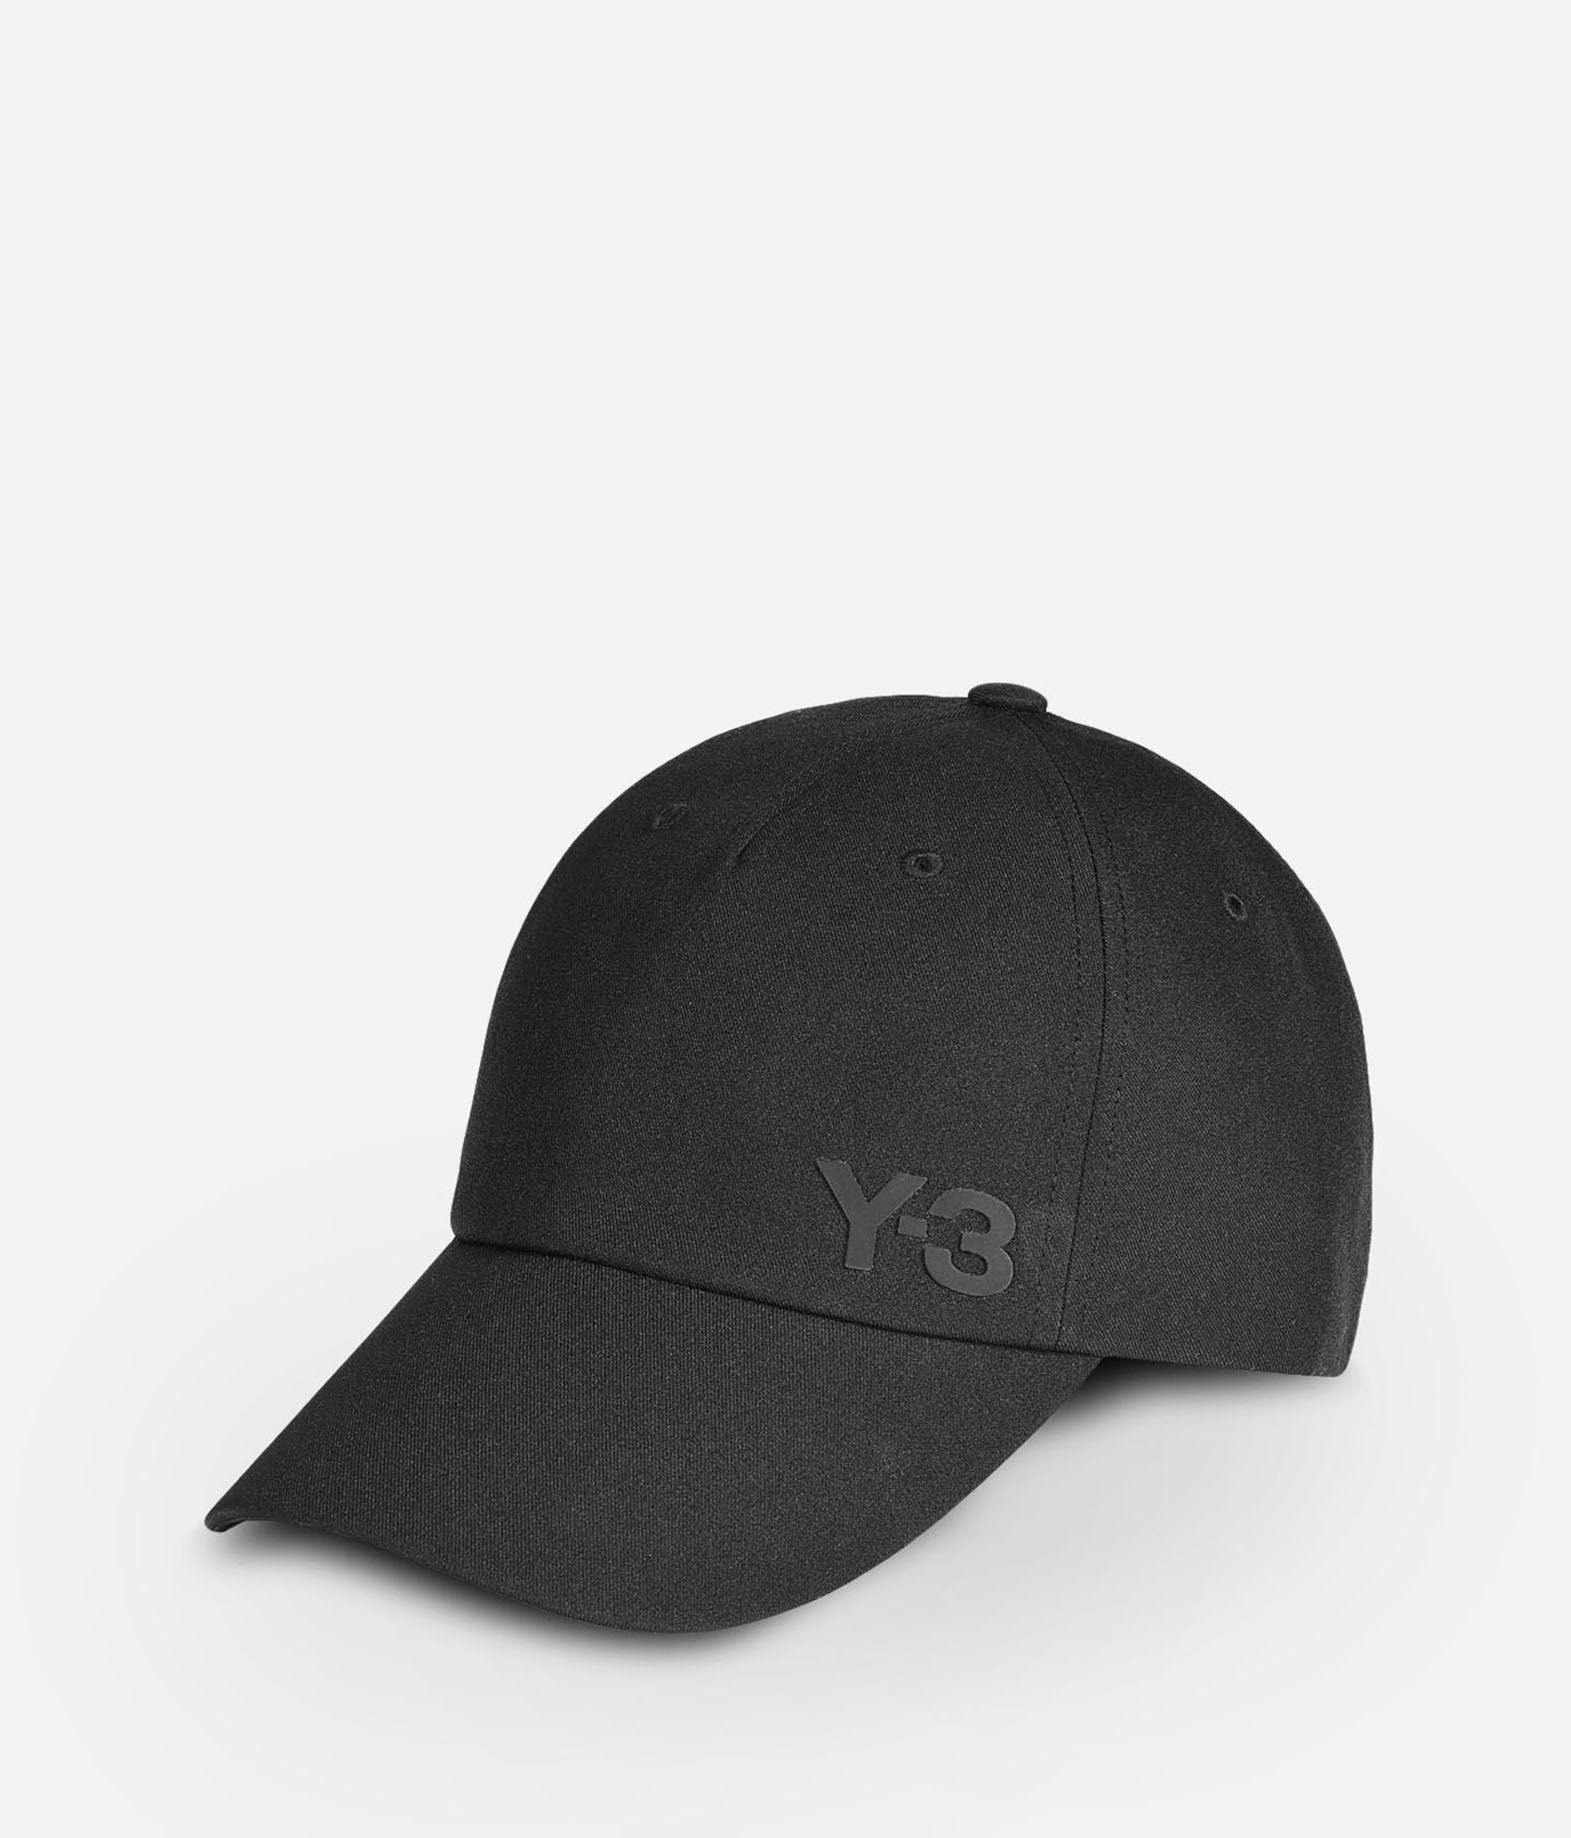 b2cf5233066 ... Y-3 Y-3 LUX CAP Cap E f ...